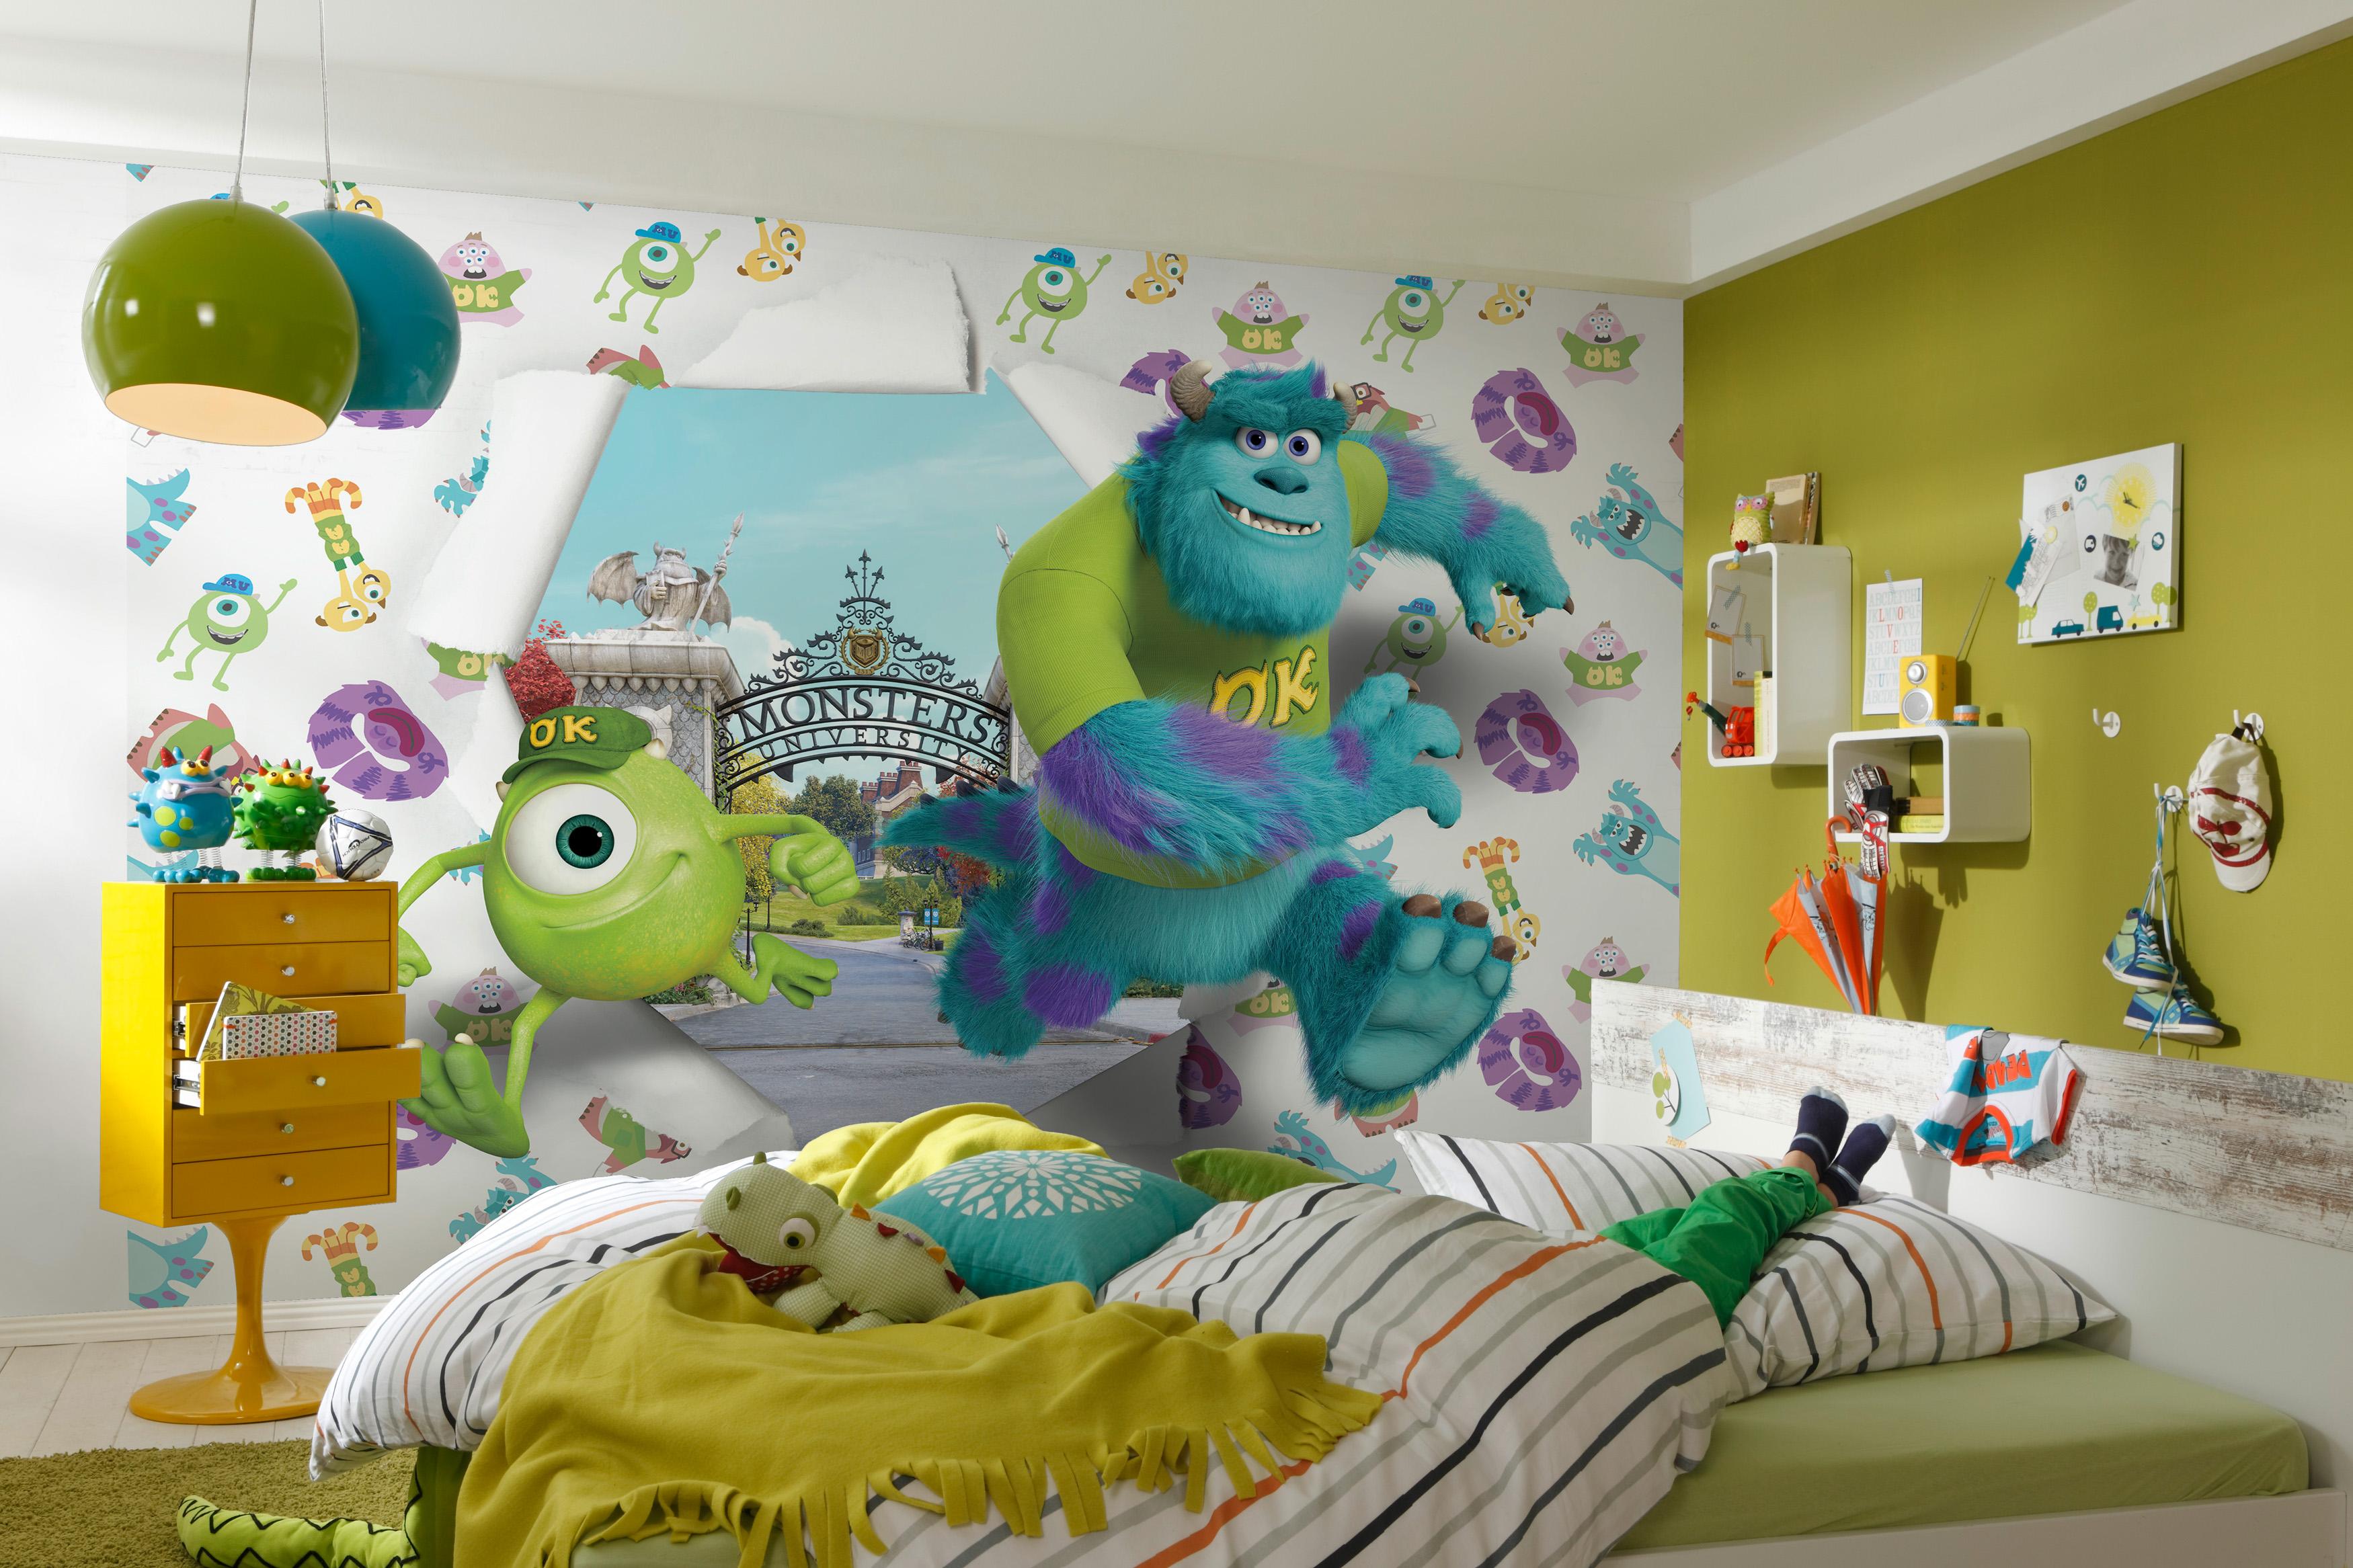 фотообои в оформлении детской комнаты